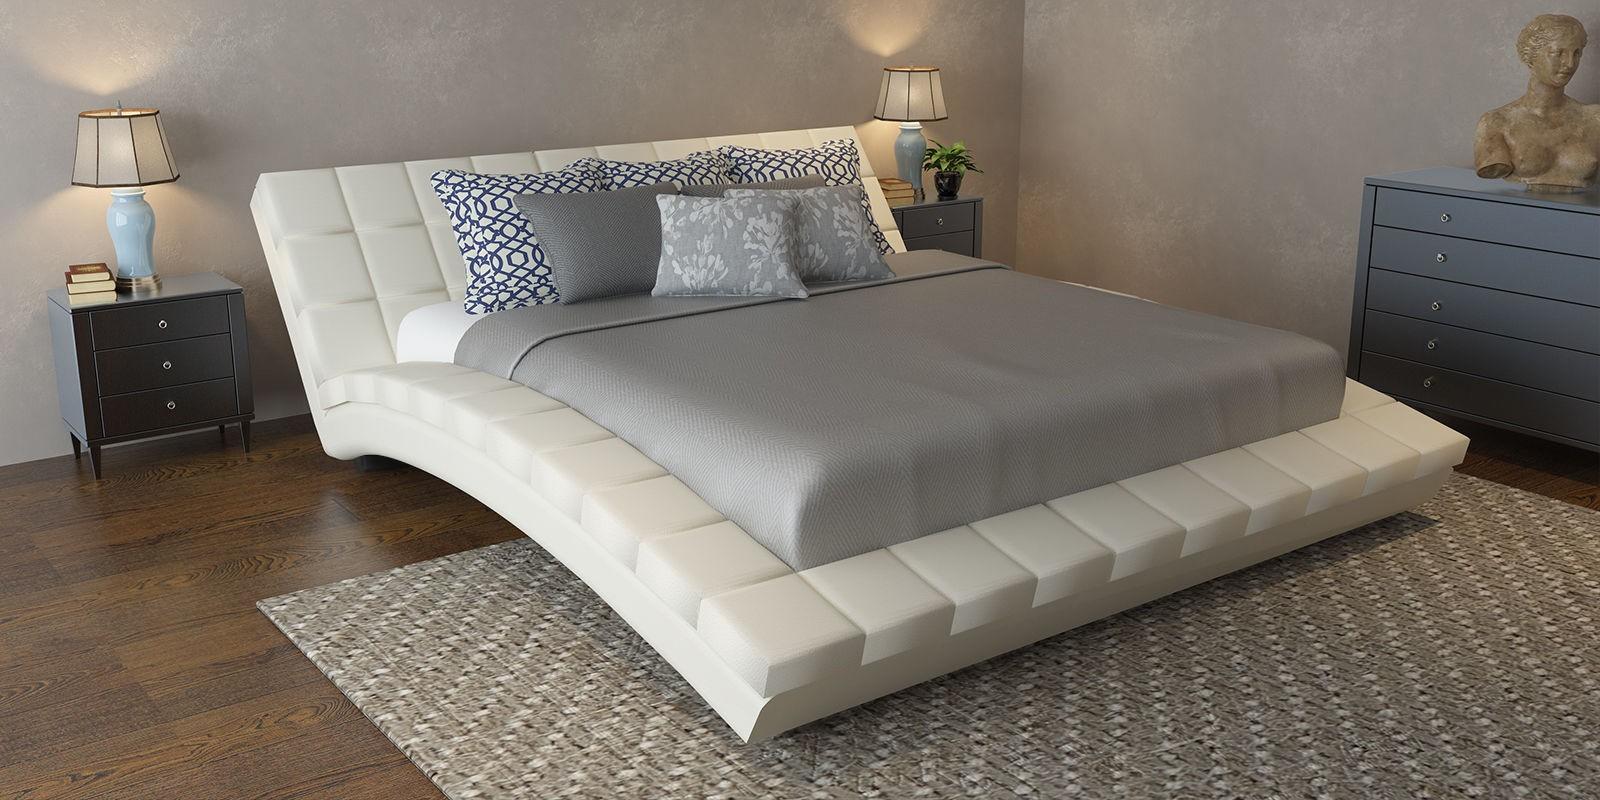 кровать двуспальная купить цены